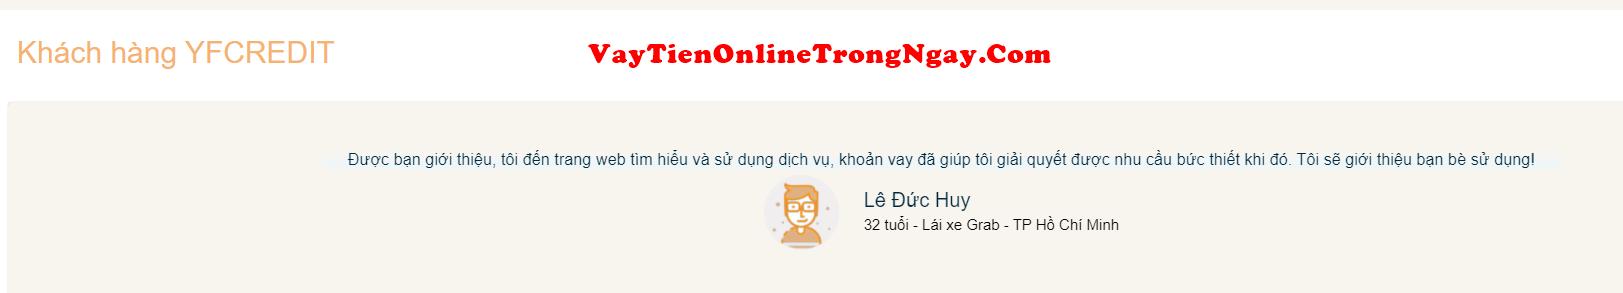 yfcredit.vn